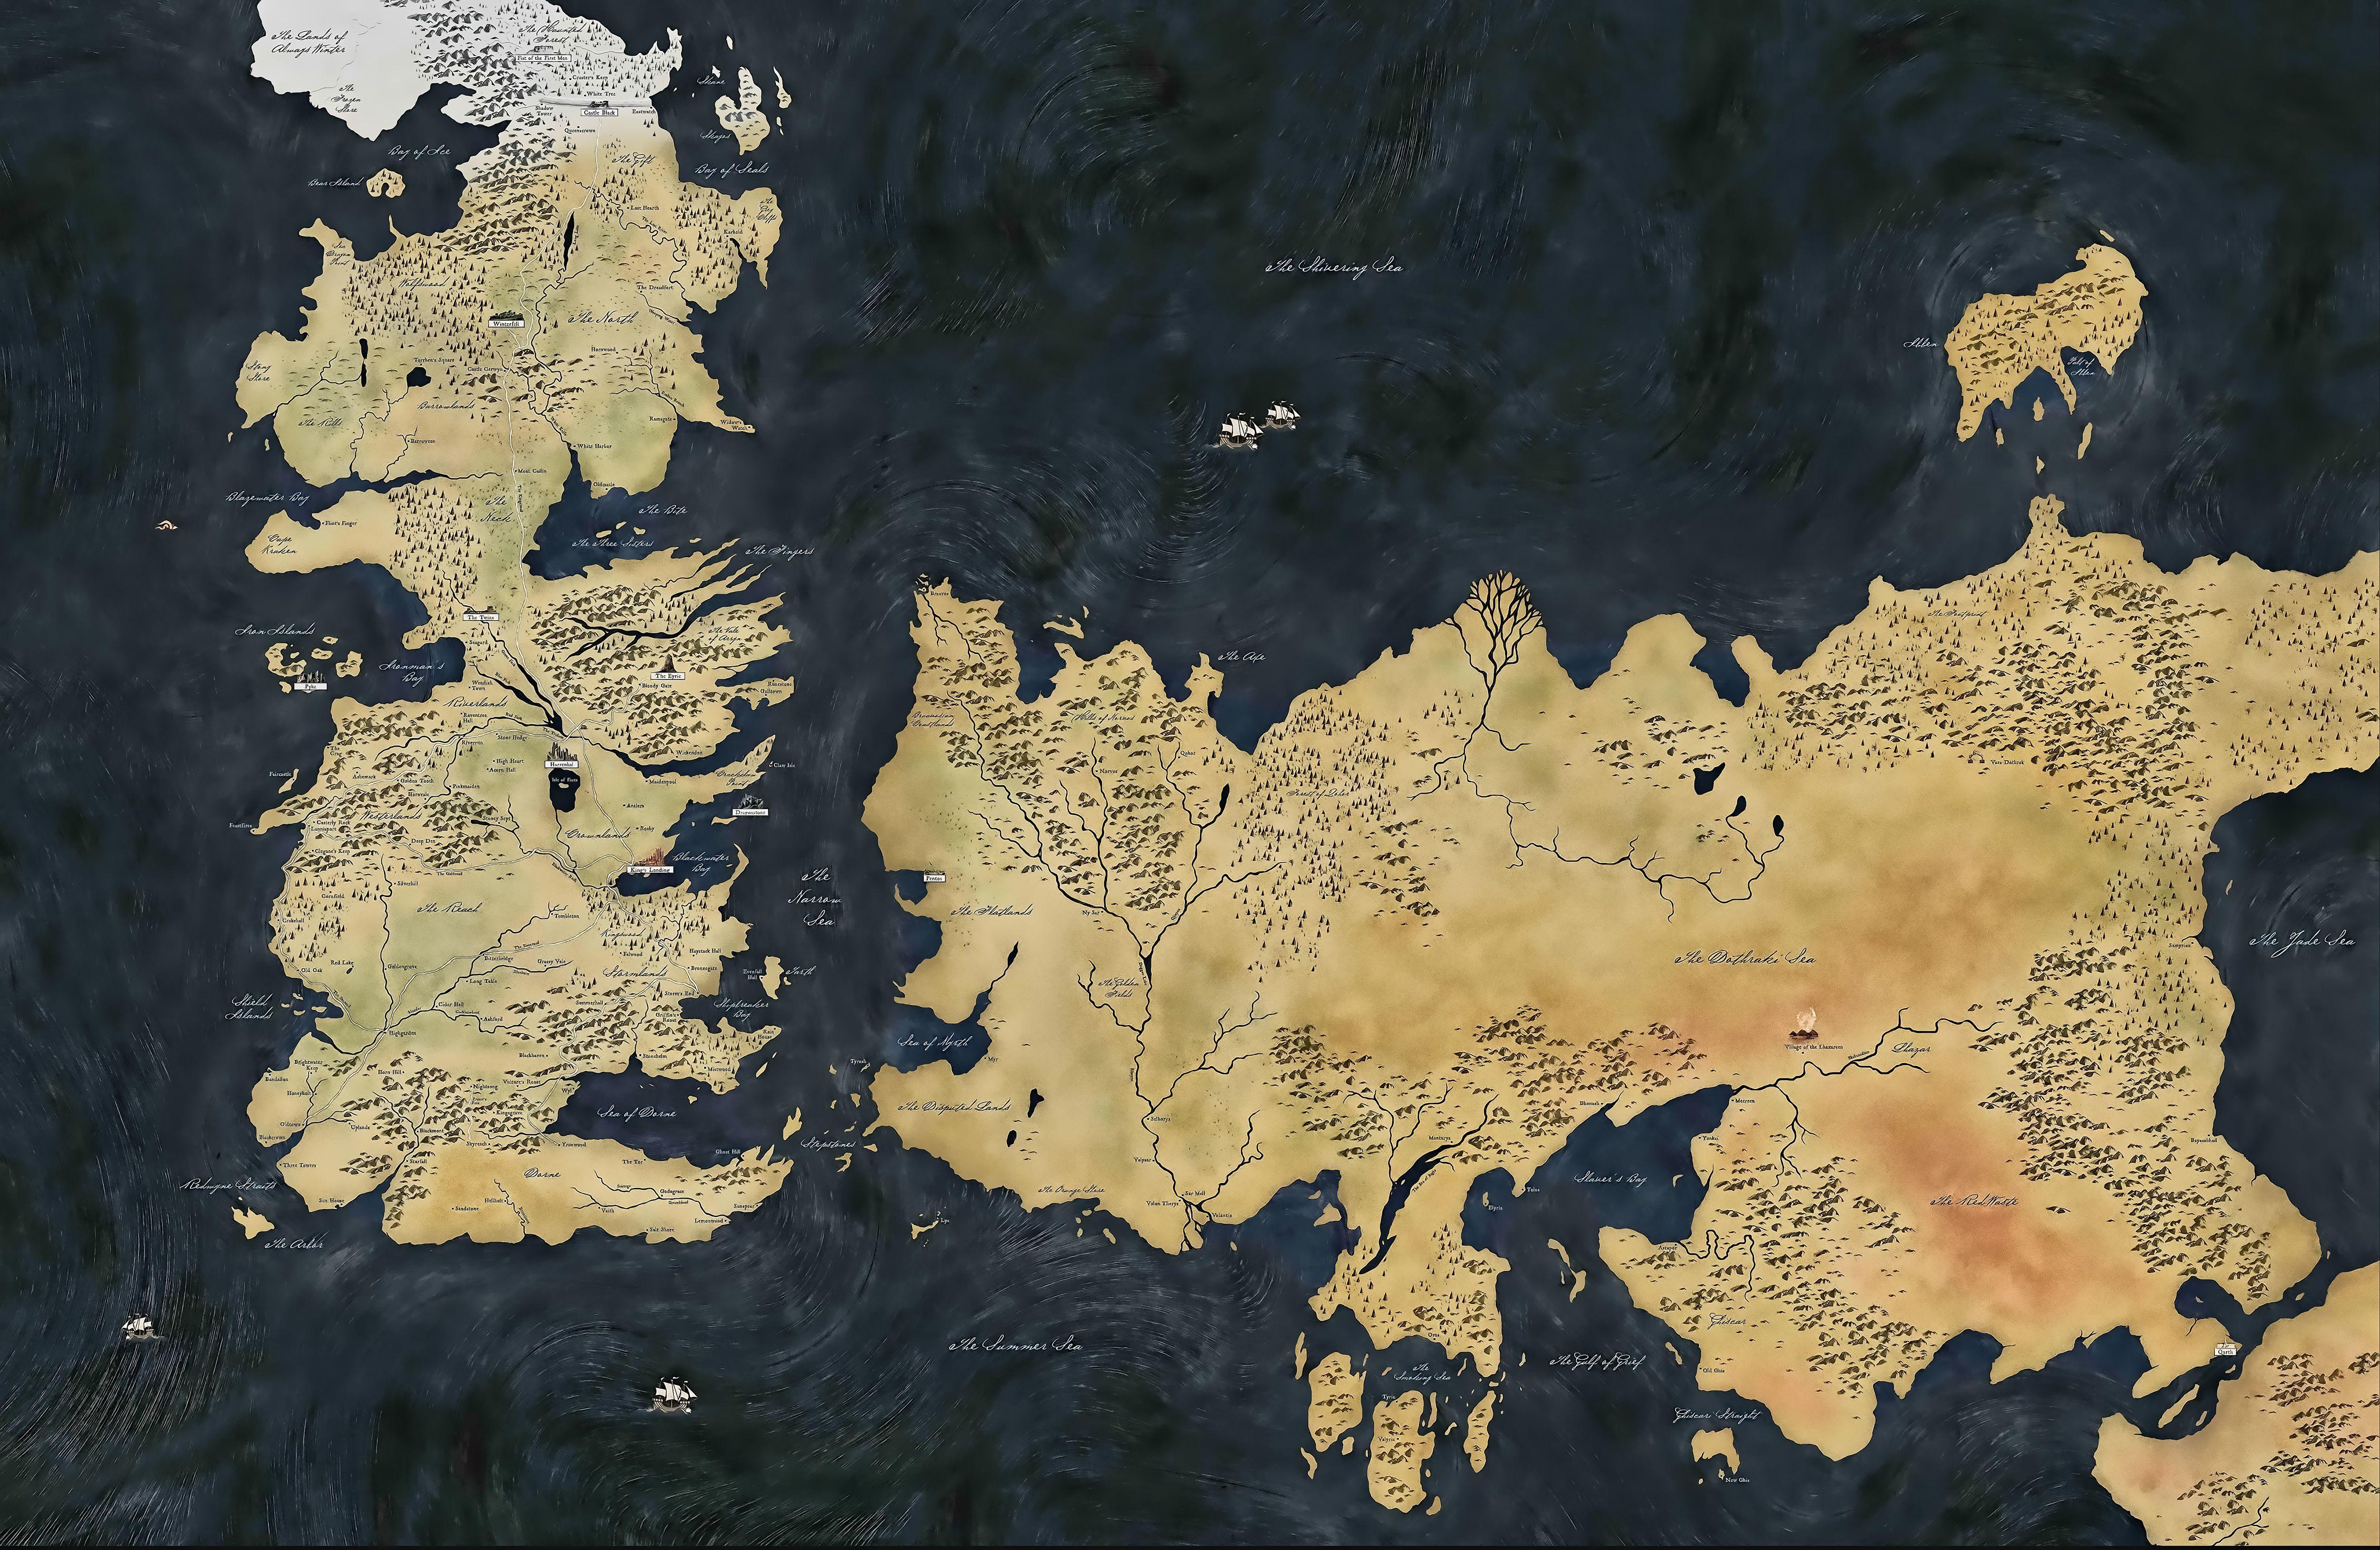 5000x3257 Game Of Thrones Map Wallpaper Wallpapersafari